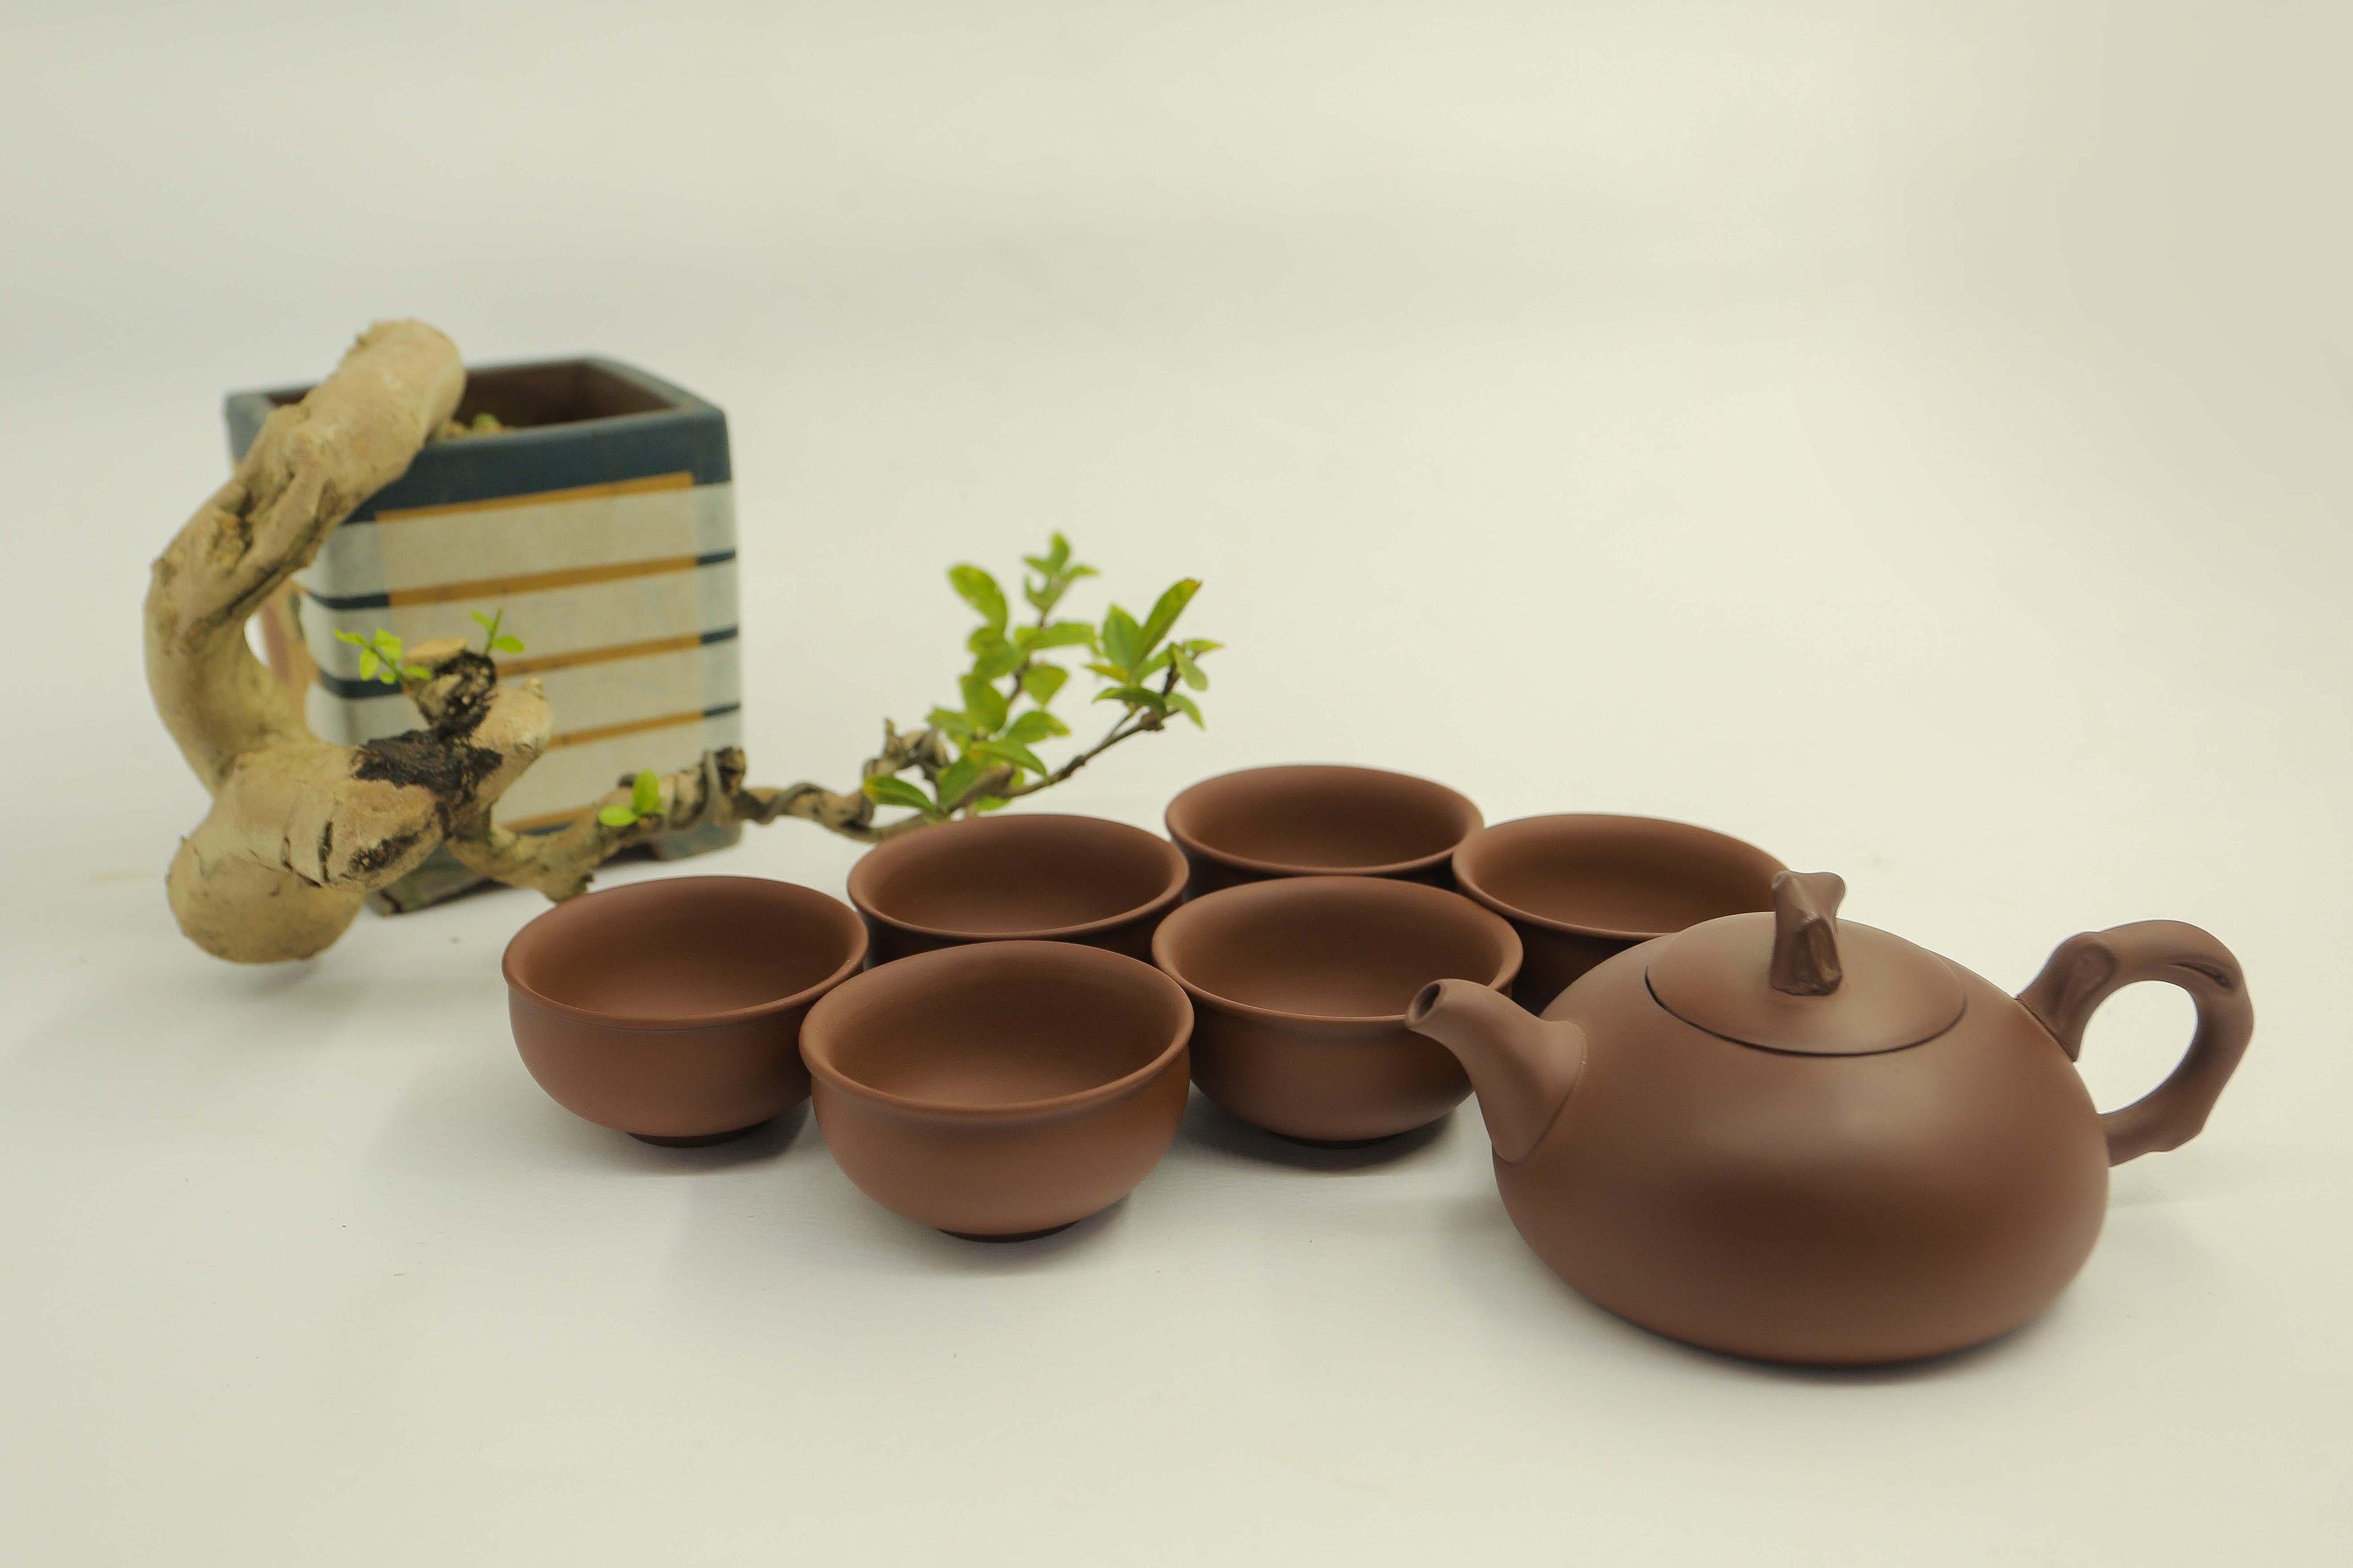 Bộ ấm gốm sứ - Bộ trà đất nung - Bộ ấm trà An Thổ Túc - Bộ ấm trà Tùng Lâm